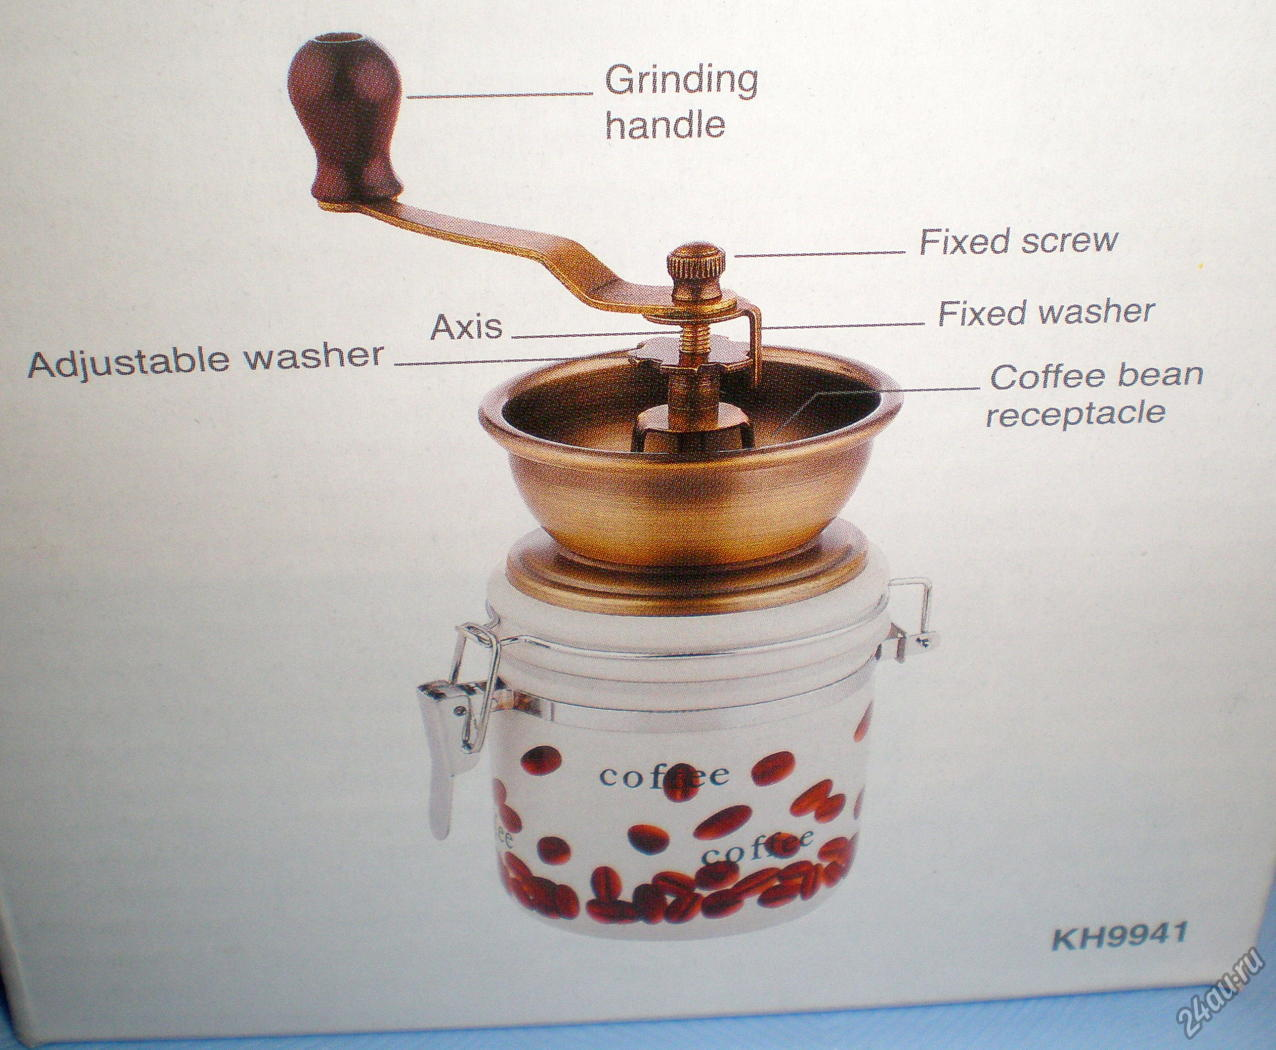 Лучшие ручные кофемолки - рейтинг 2018 года и обзор основных характеристик хороших кофемолок